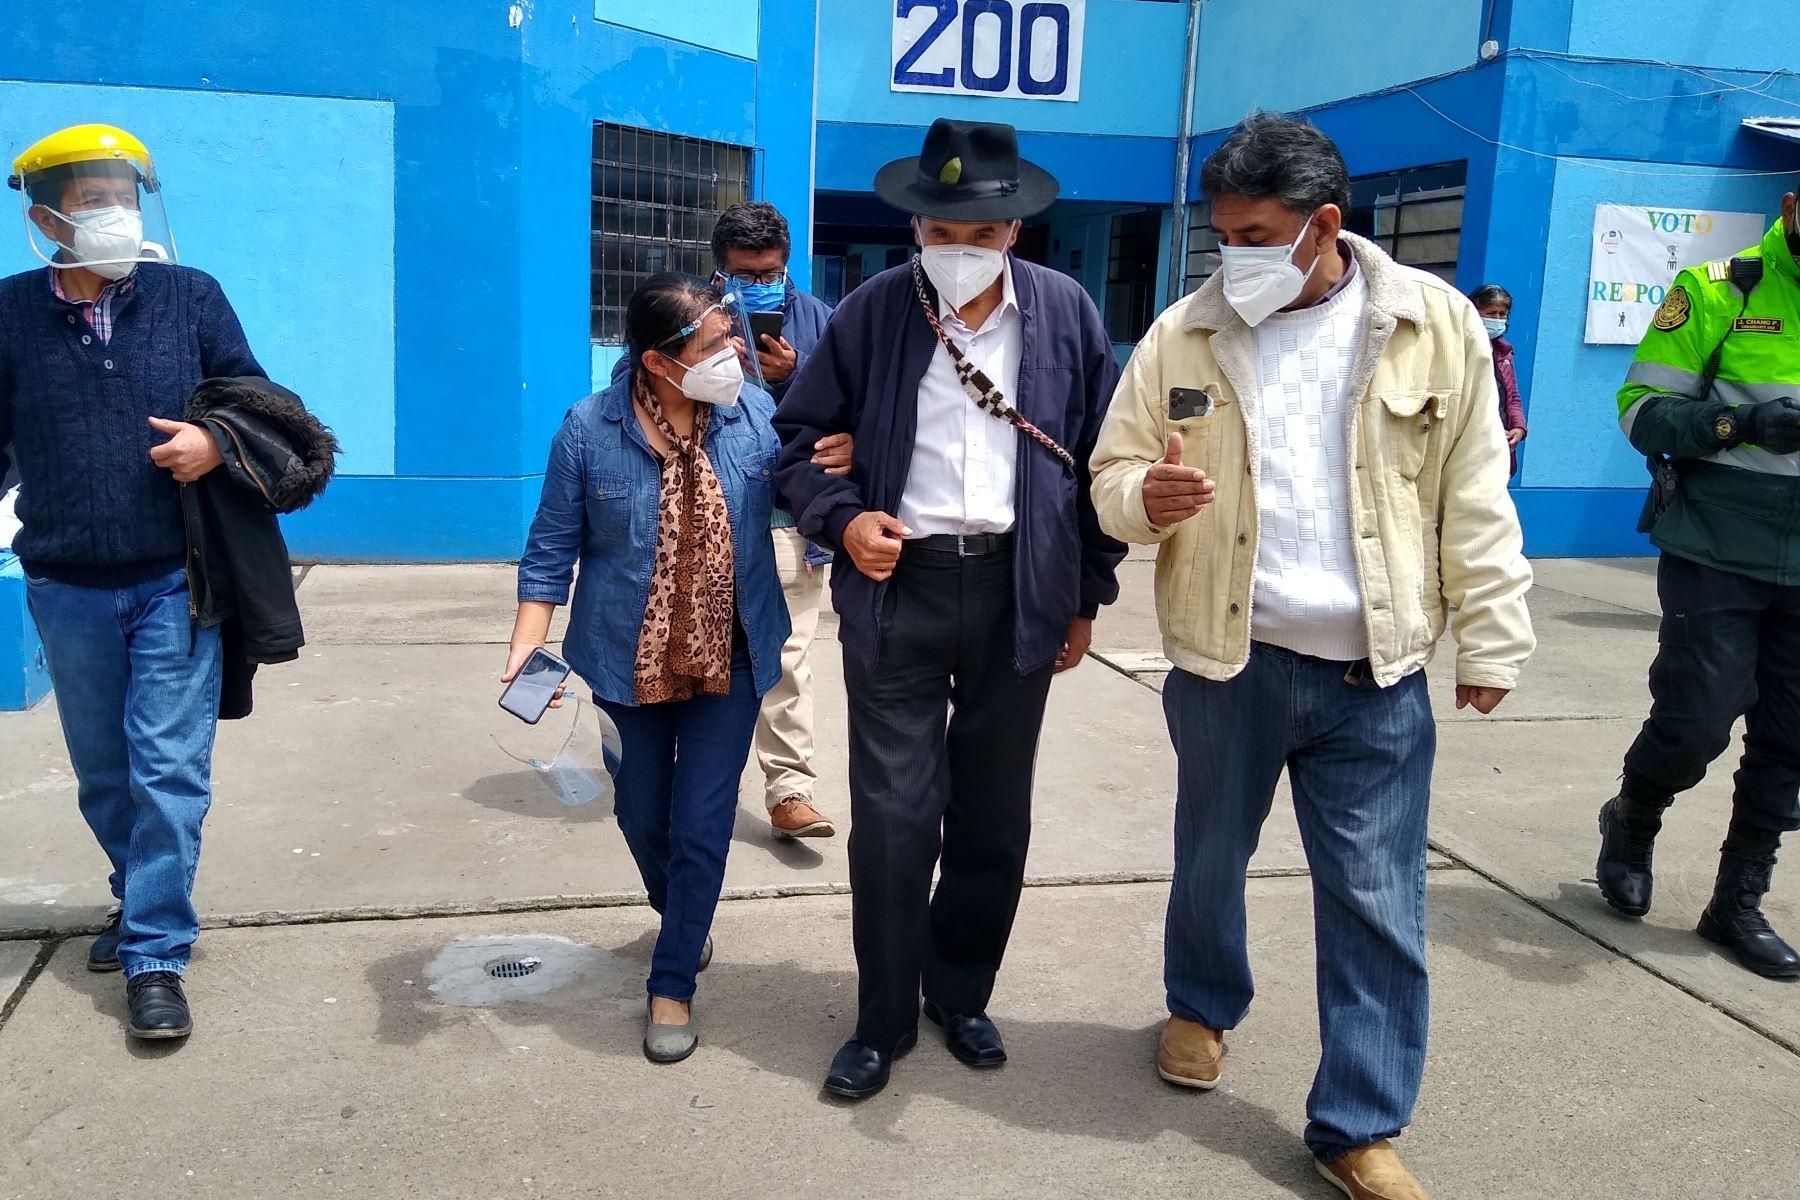 HUANCAYO (PERÚ), 11/04/2021.-El candidato presidencial de Renacimiento Unido Nacional (Runa), Ciro Gálvez, emite su voto en el colegio María Inmaculada, en centro de la ciudad de Huancayo, durante la jornada de las Elecciones Generales 2021.  Foto: ANDINA/Pedro Tinoco